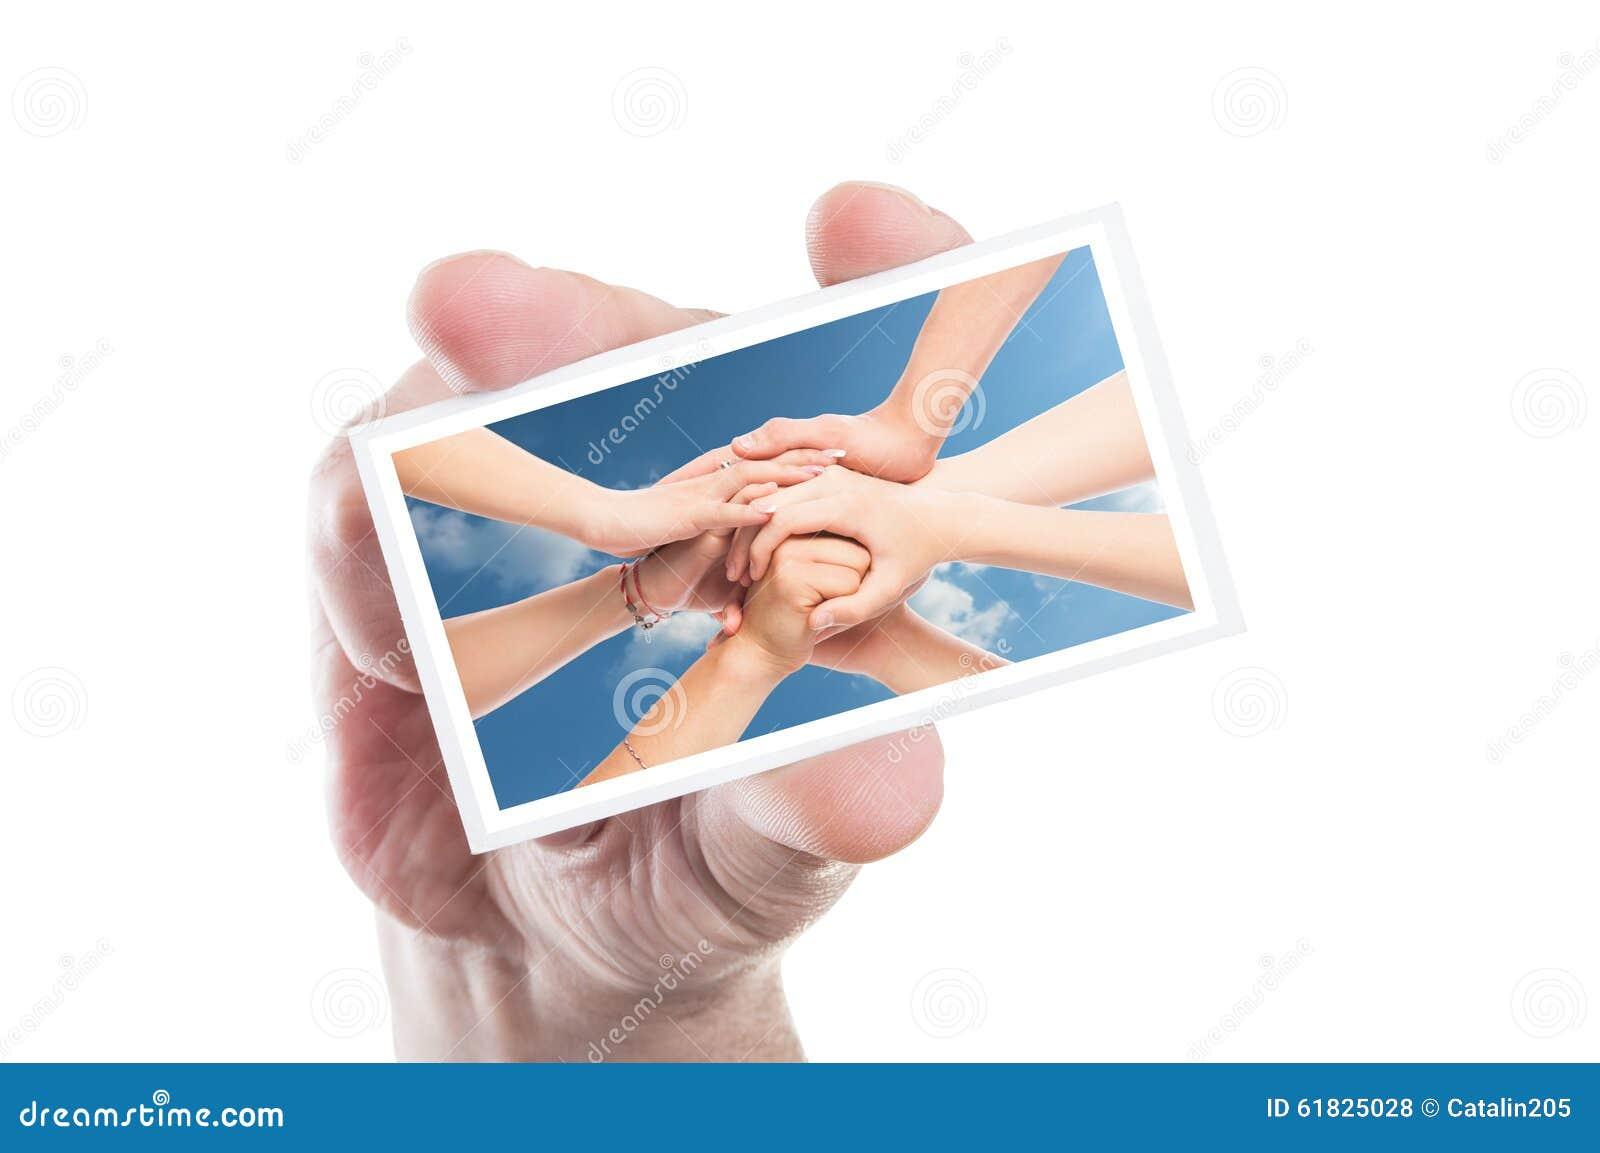 Cartão do voluntário da terra arrendada da mão com mãos juntadas como o fundo